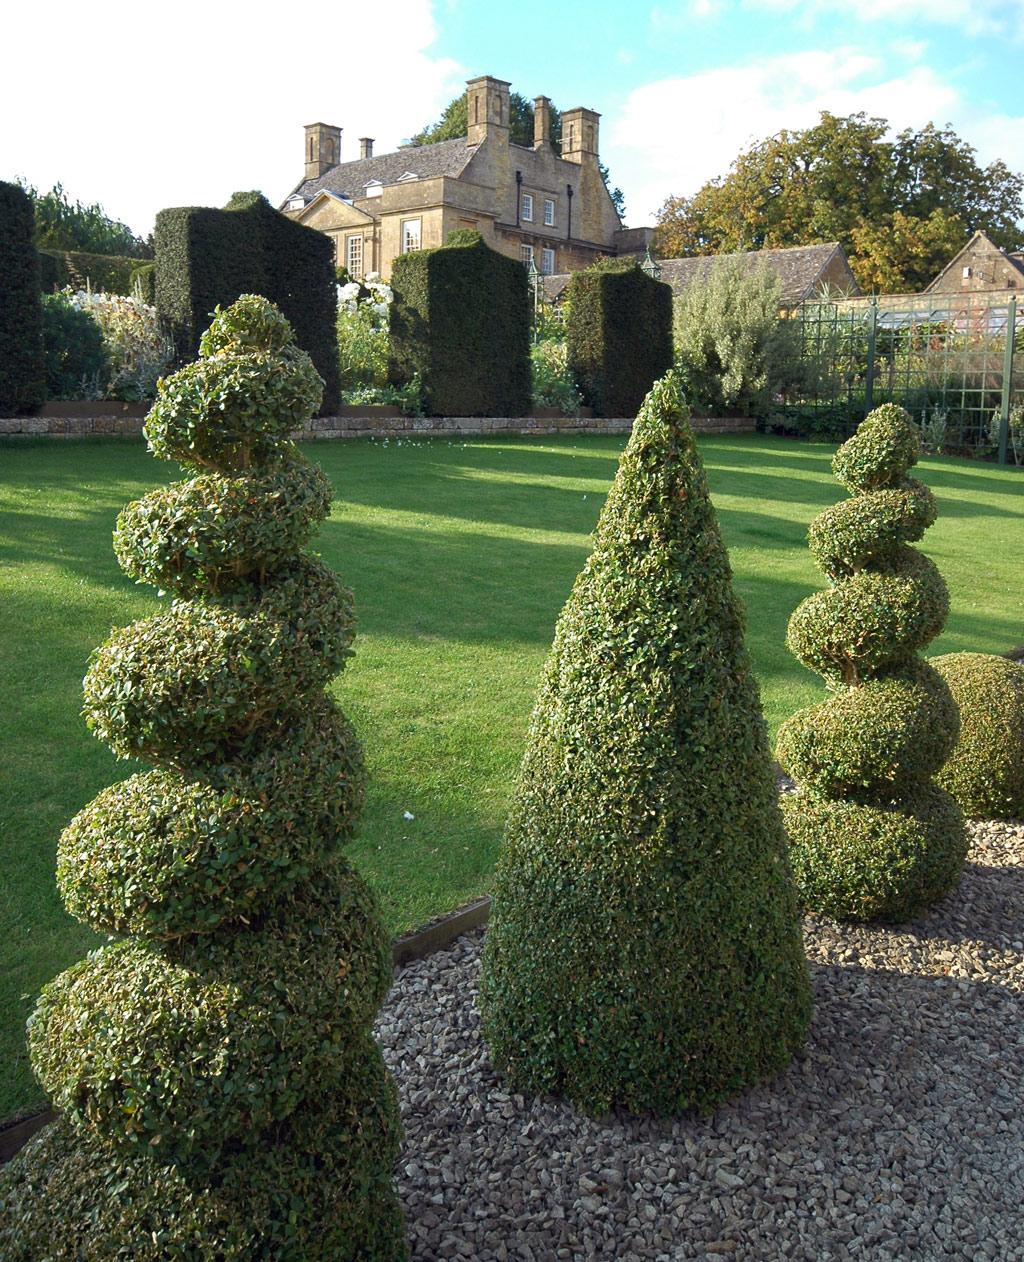 House Landscape Images: Bourton House Garden